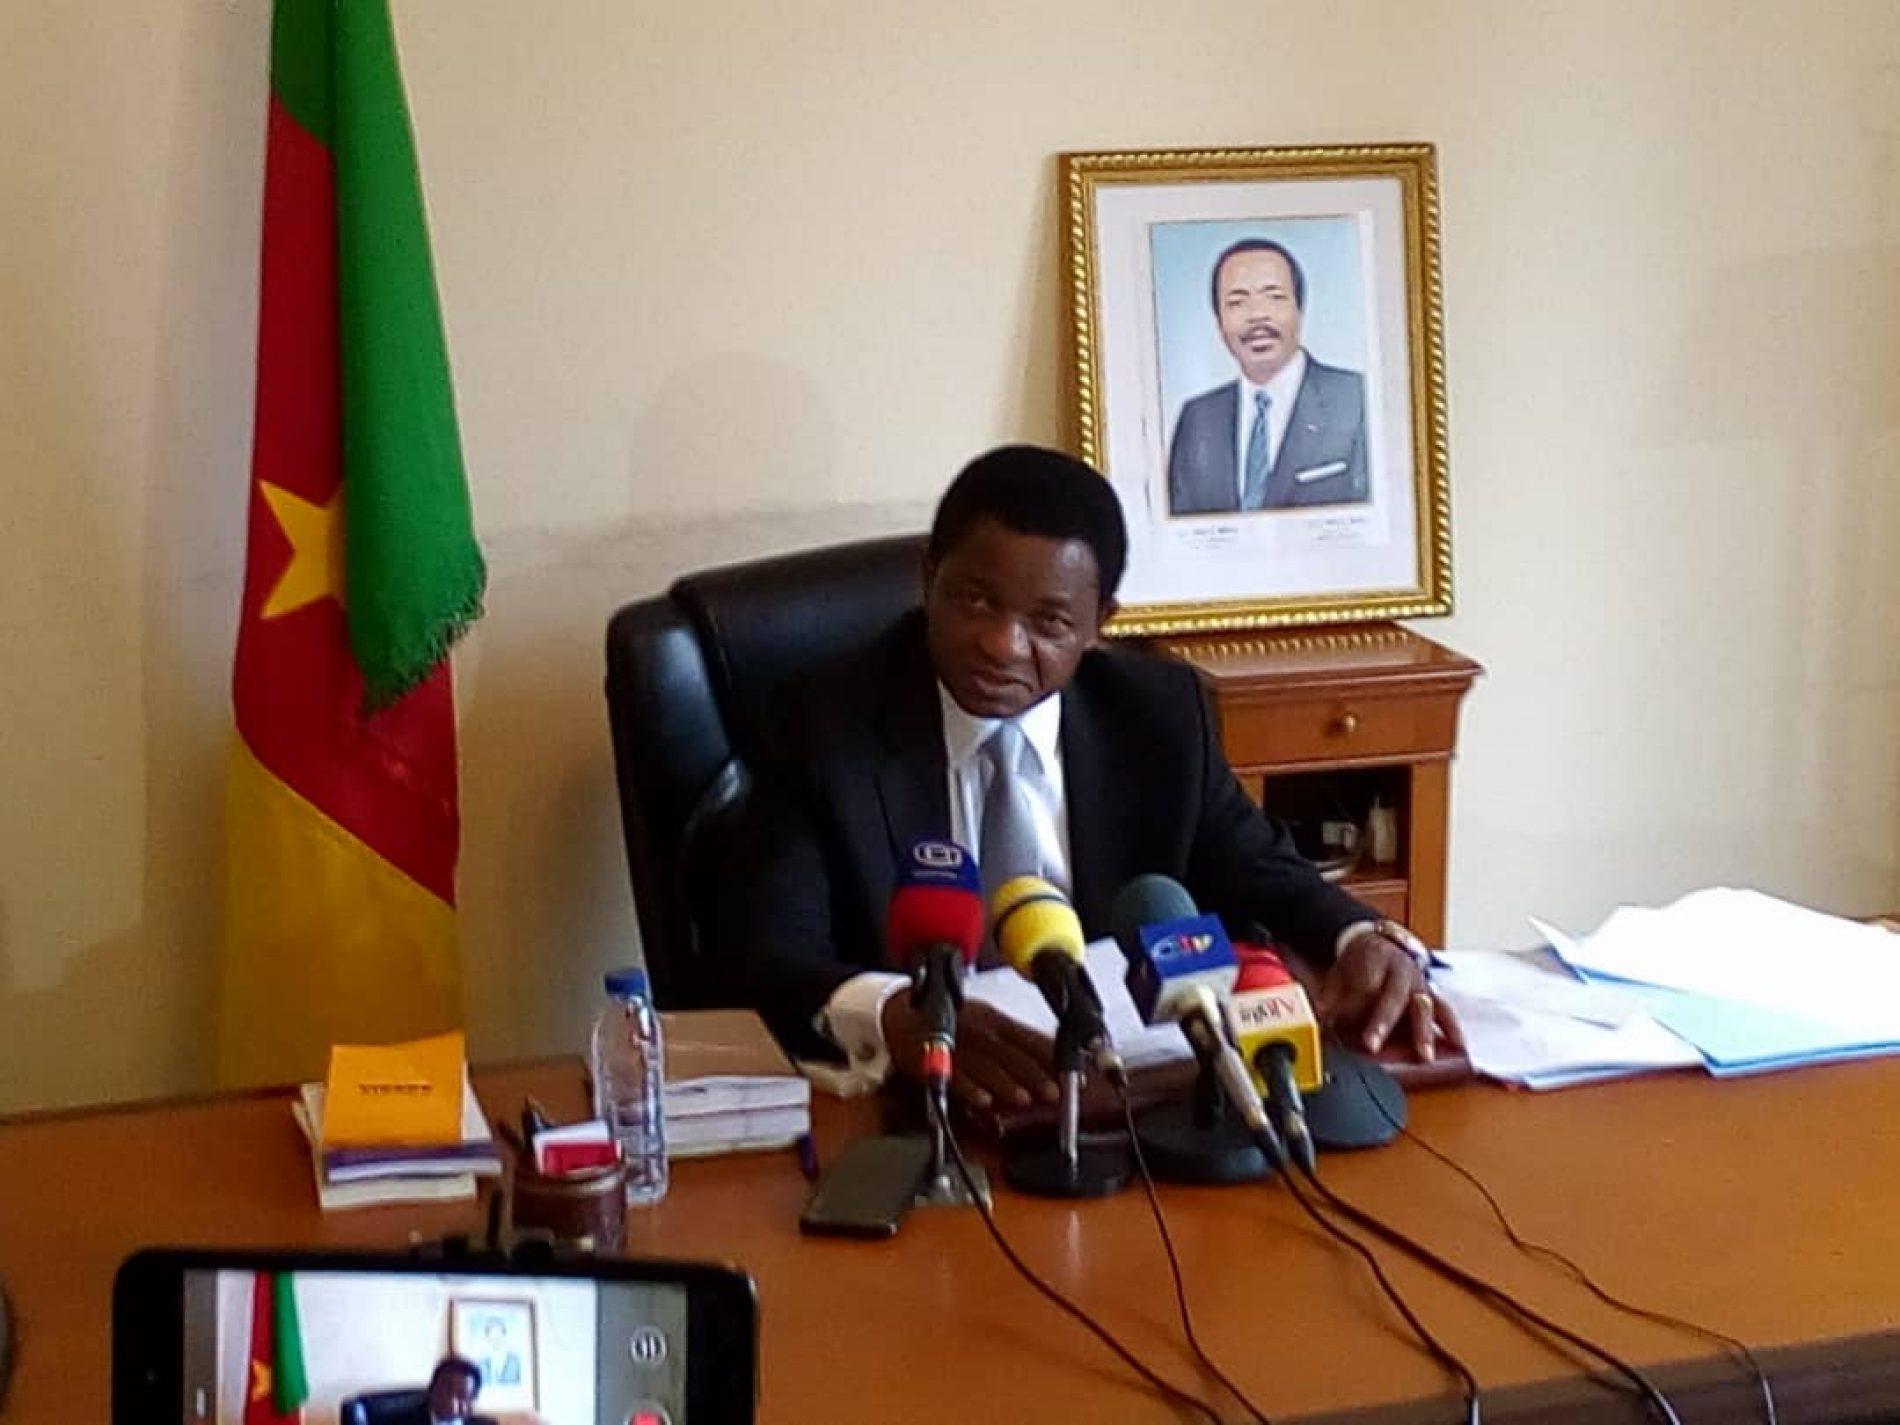 CVUC : Le maire Tamba à l'assaut de la présidence nationale